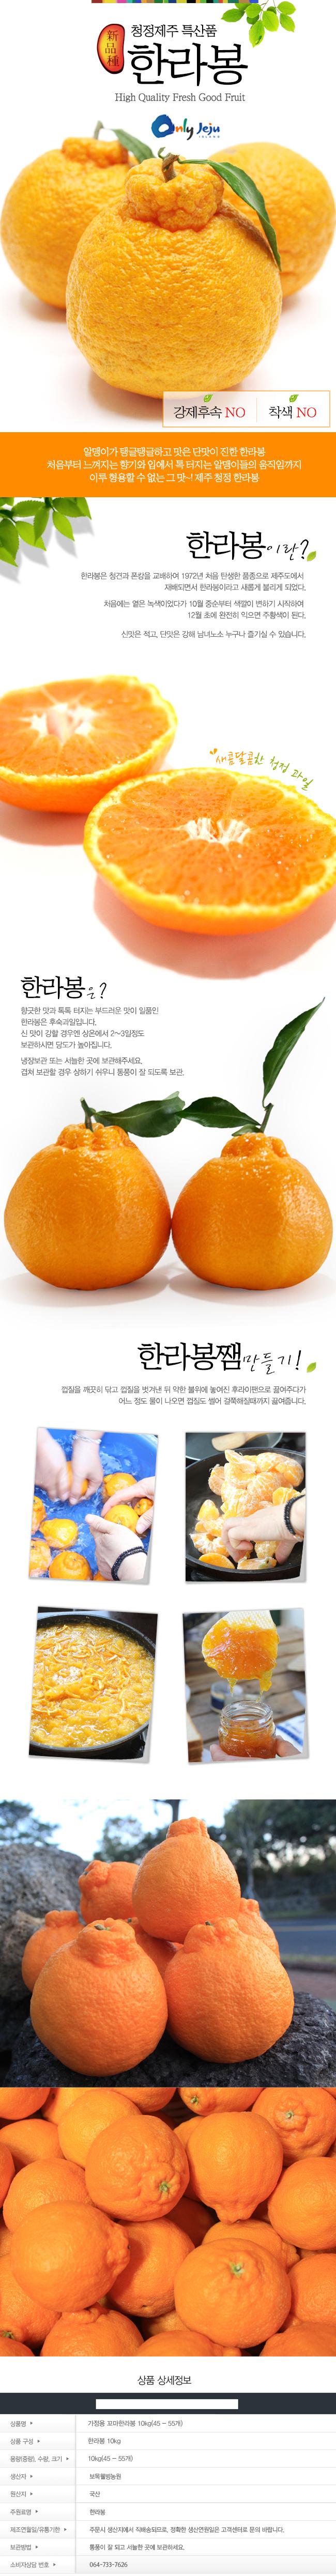 han_10kg_5.jpg